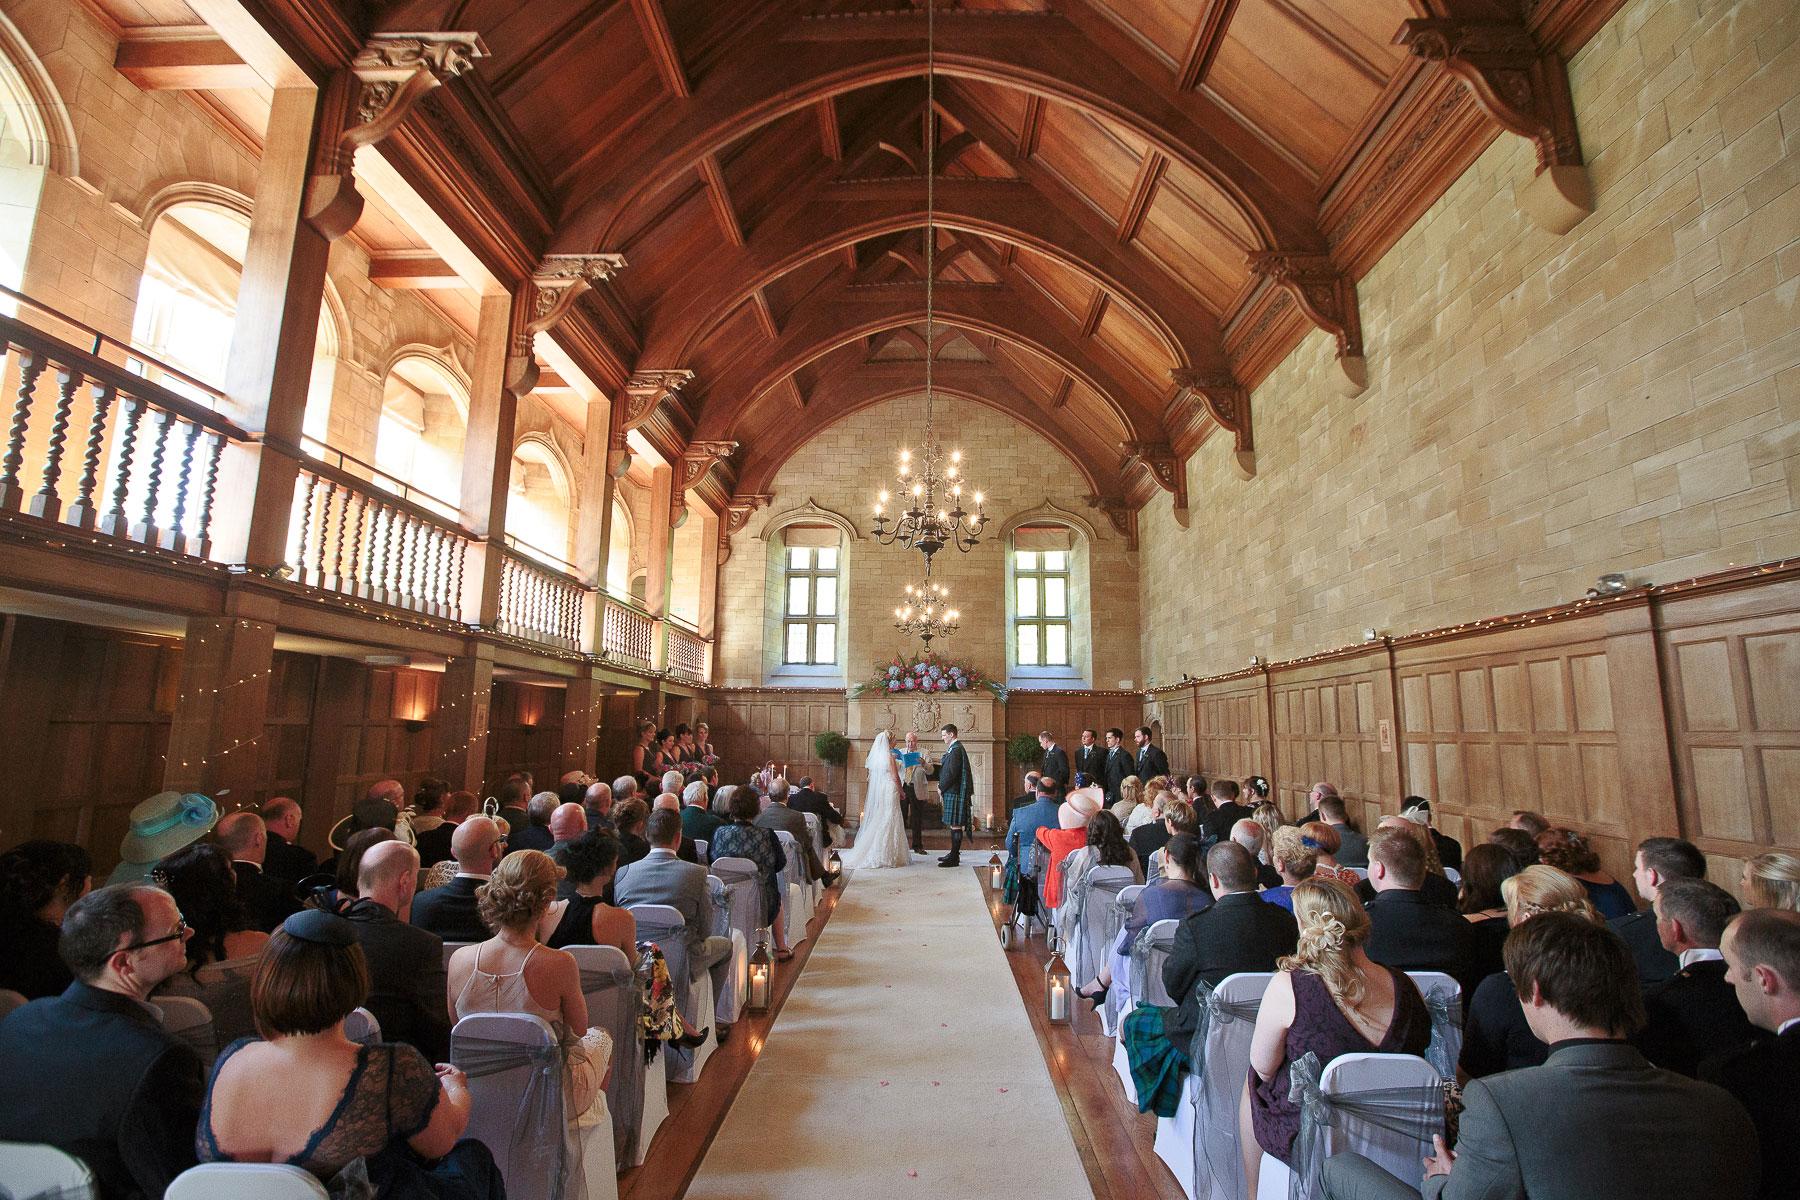 achnagairn-castle-wedding-inverness-2